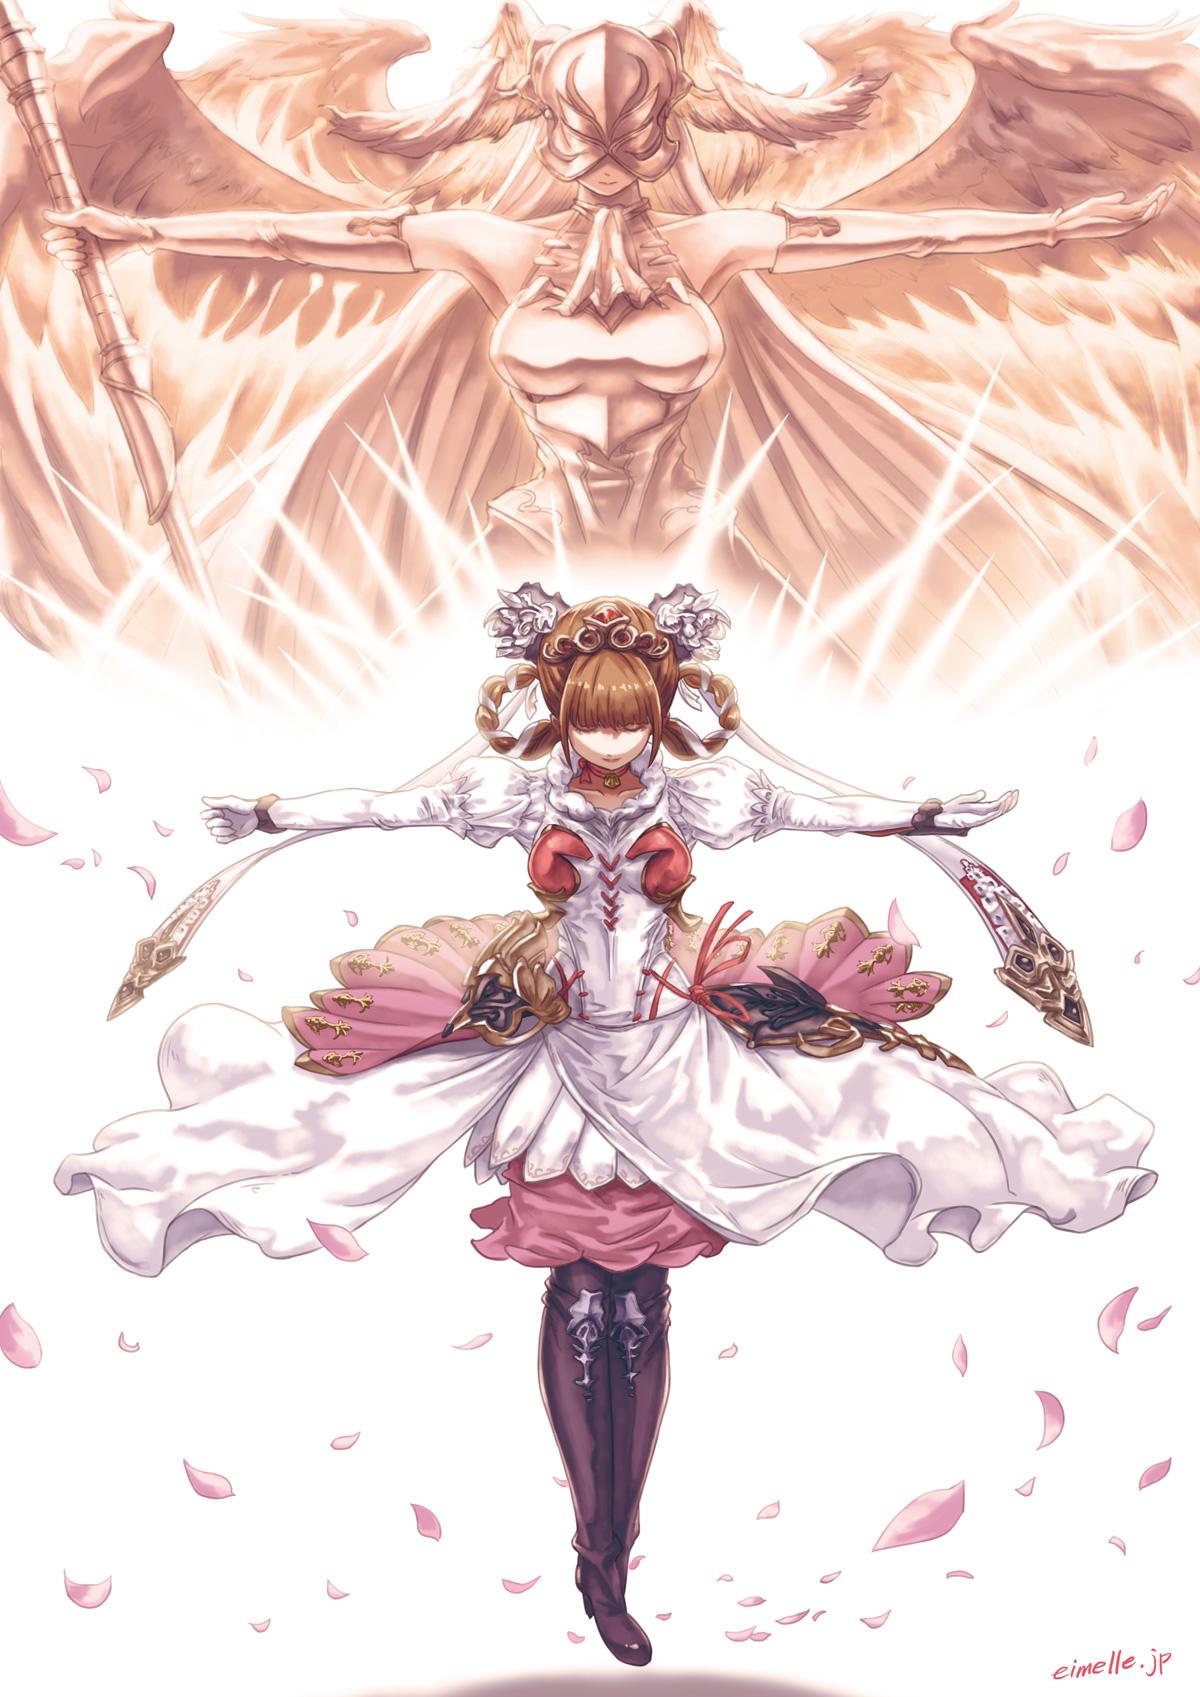 グラブル 守護精霊を召喚するジュリエット姫 にくきゅうblog